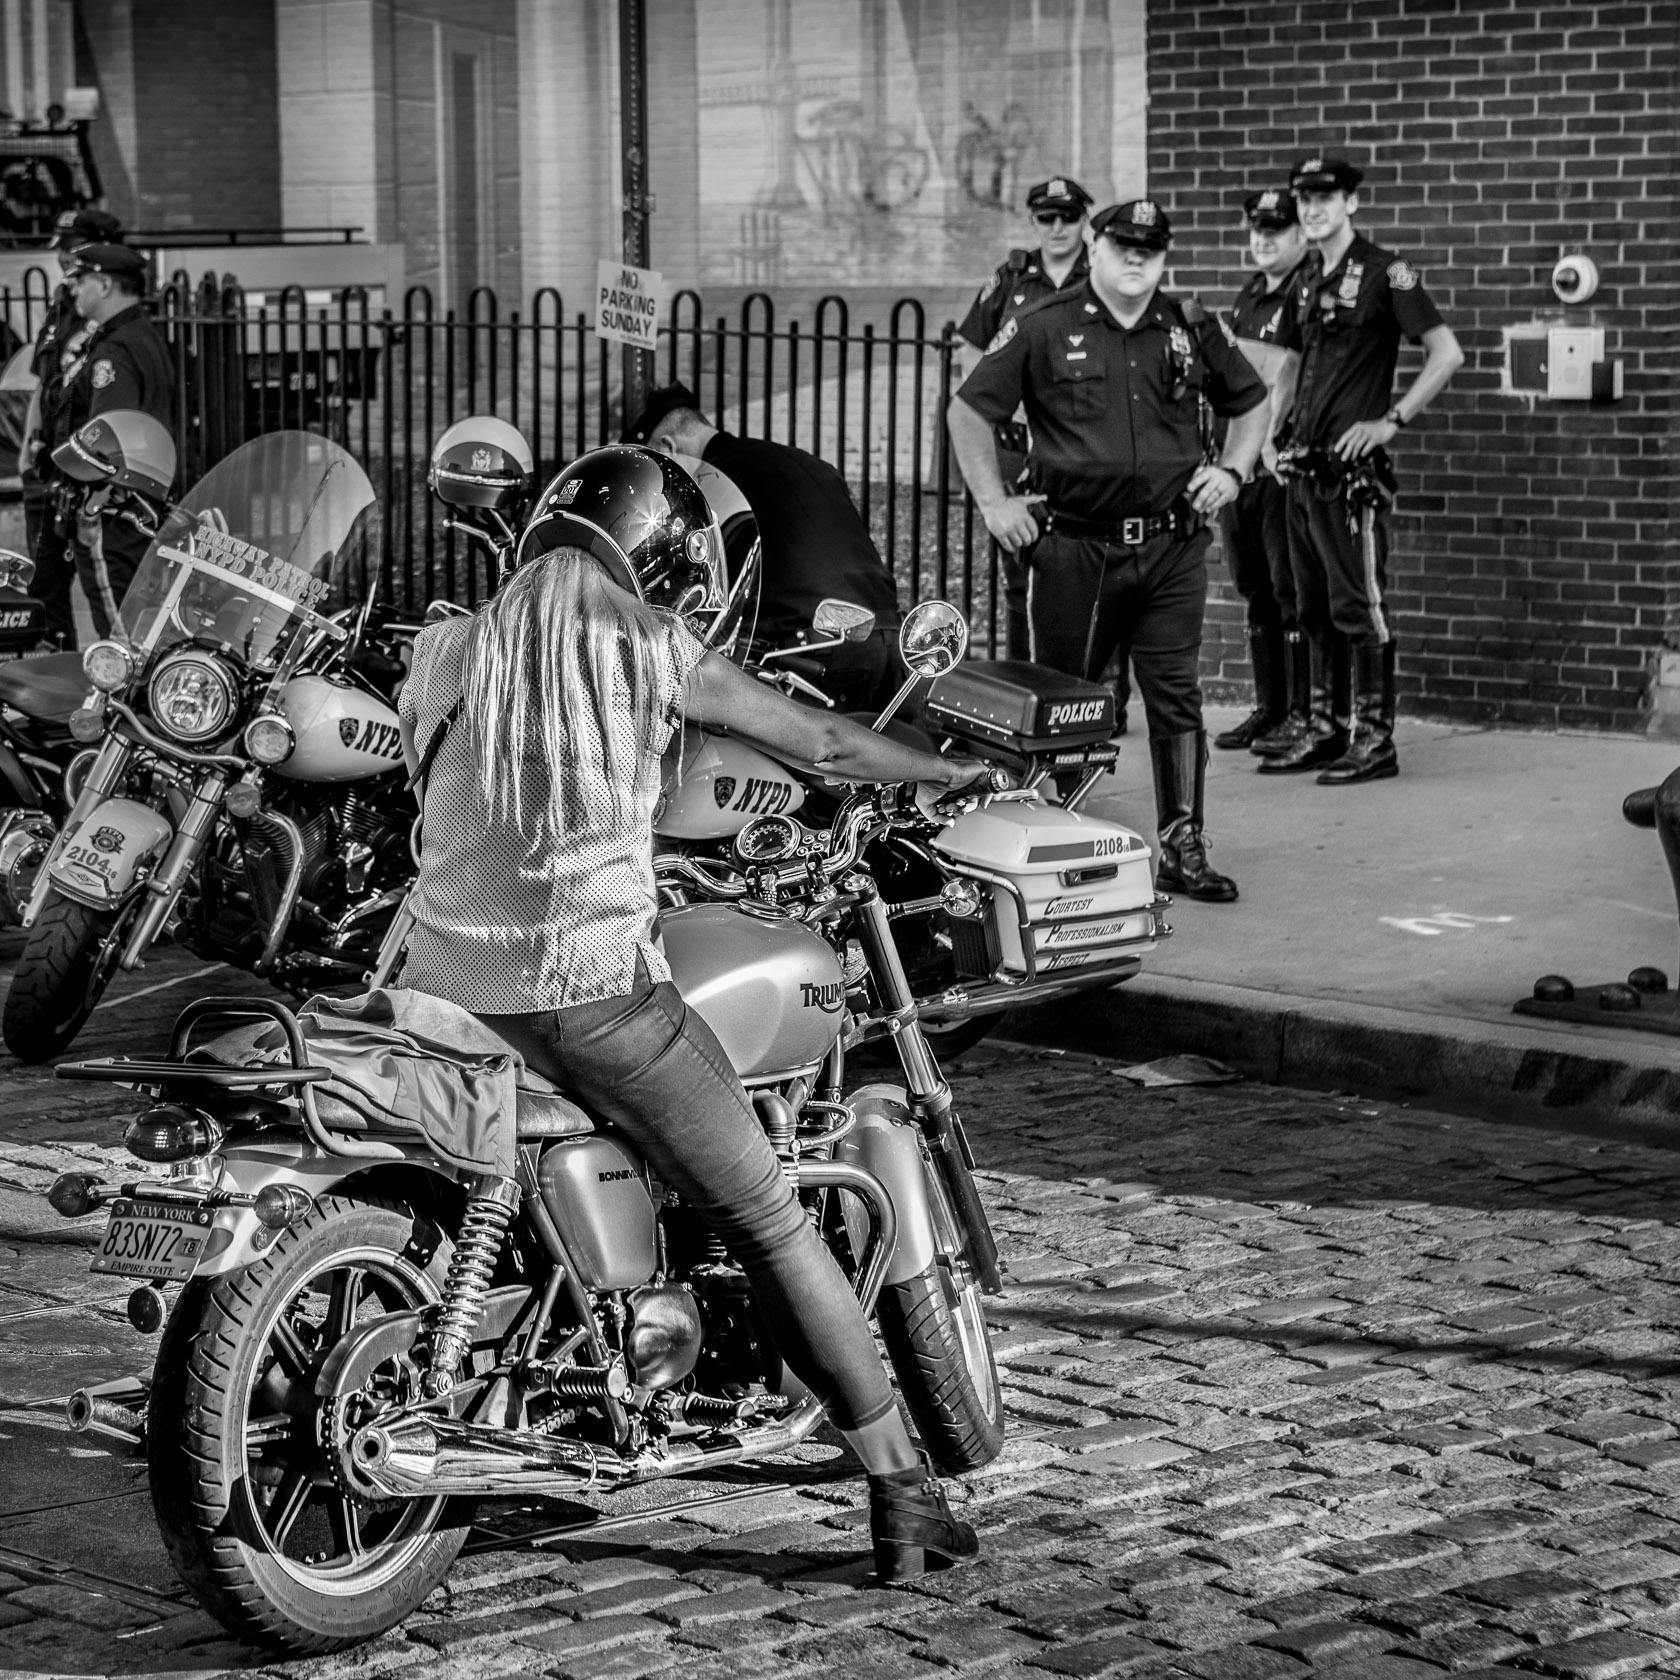 Bikers NYC 20